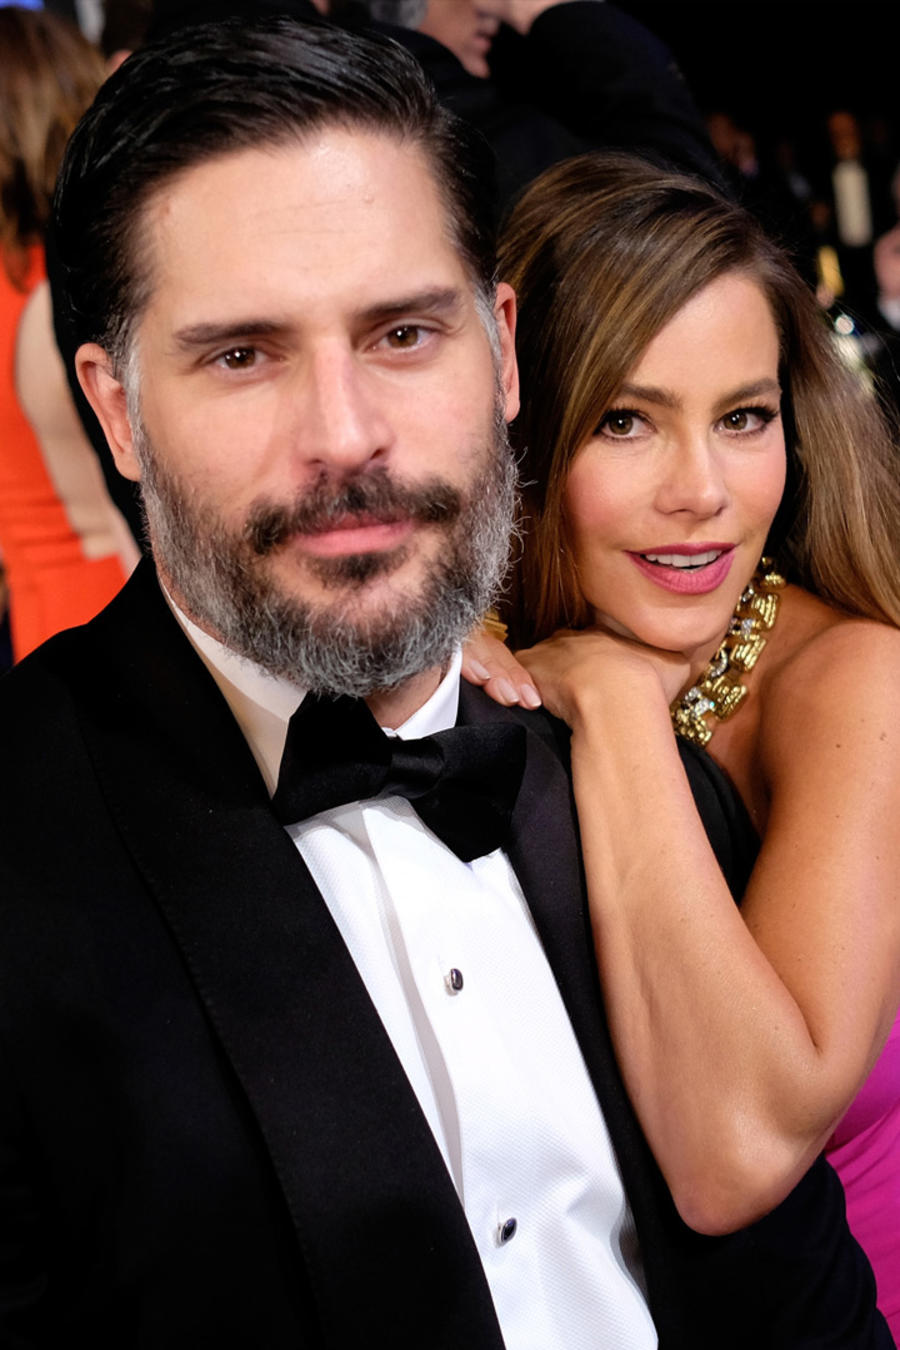 Joe Manganiello y Sofía Vergara en los 22nd Annual Screen Actors Guild Awards en Los Ángeles, California, el 30 de enero de 2016